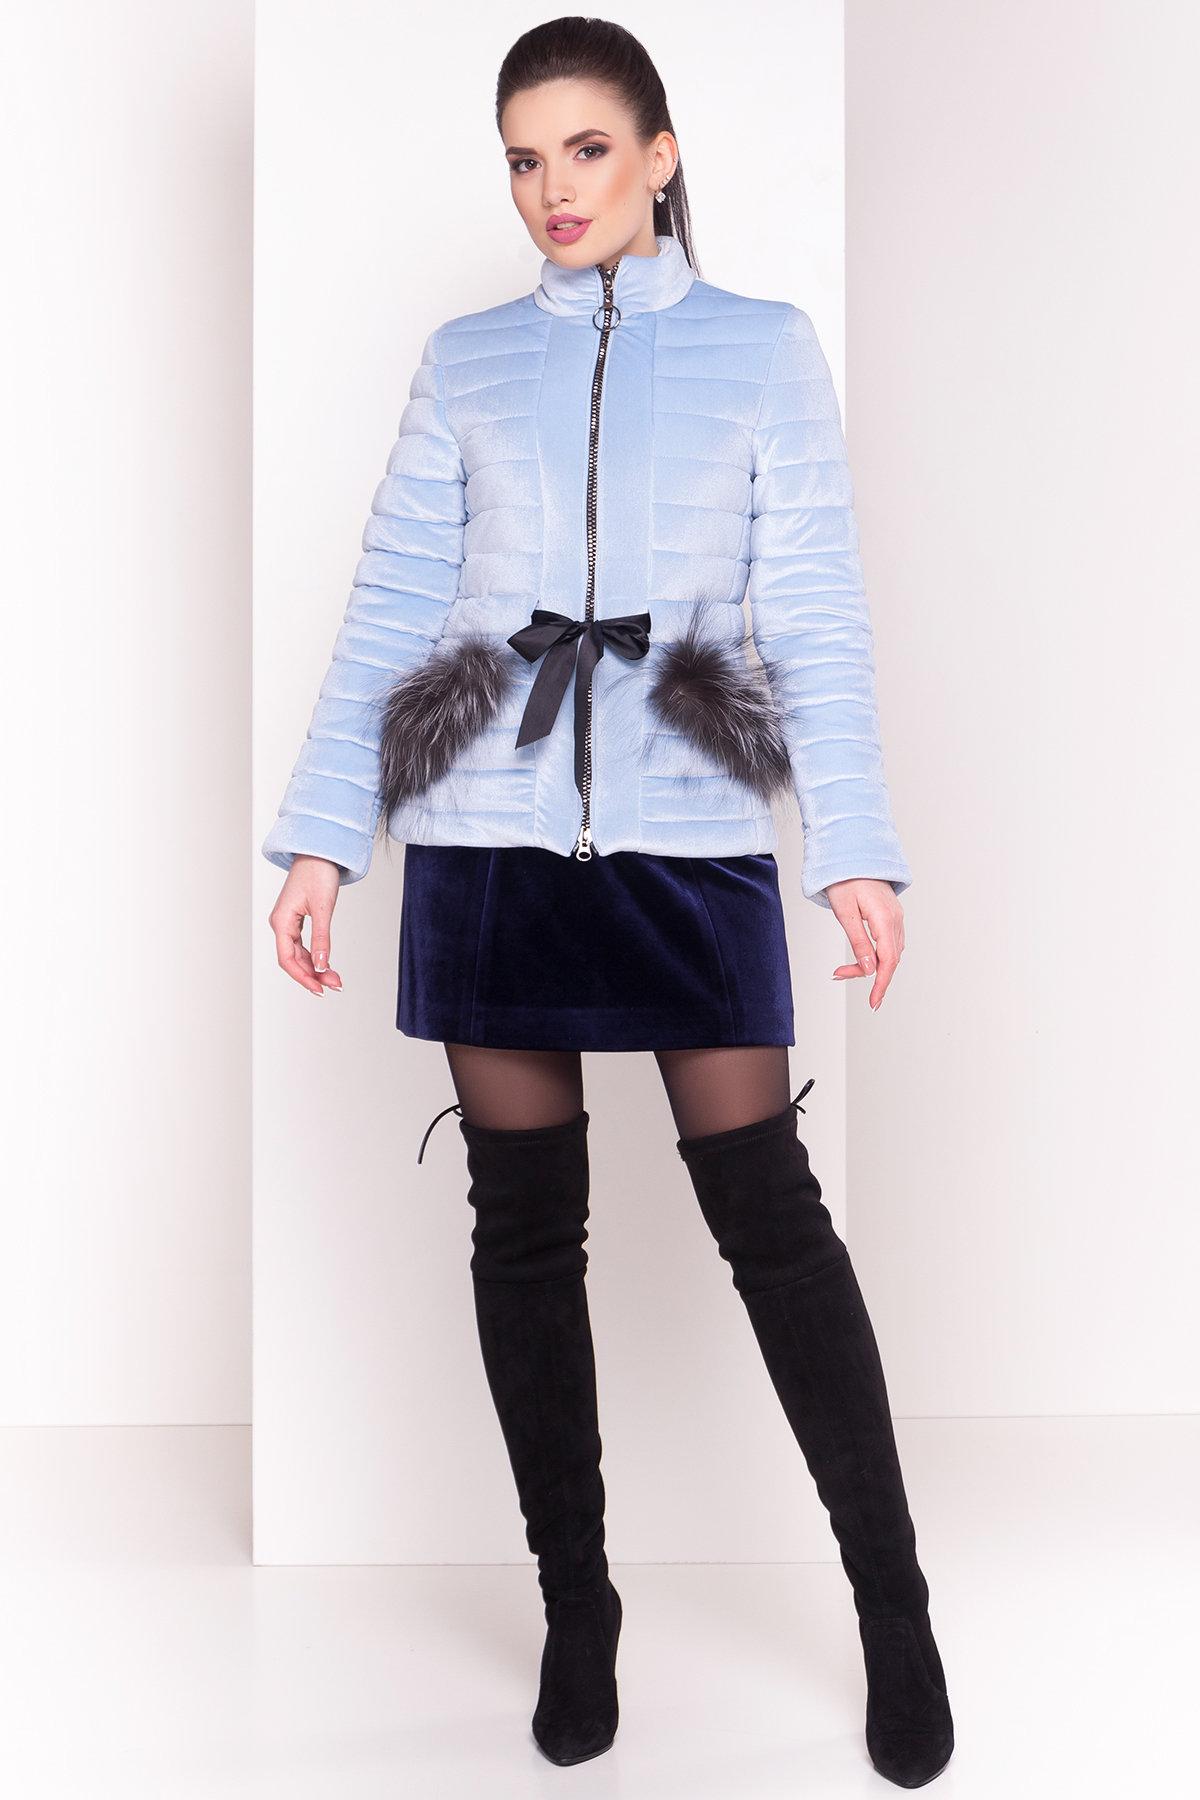 Куртка с мехом на карманах Дезире 4452 АРТ. 21968 Цвет: Голубой - фото 4, интернет магазин tm-modus.ru